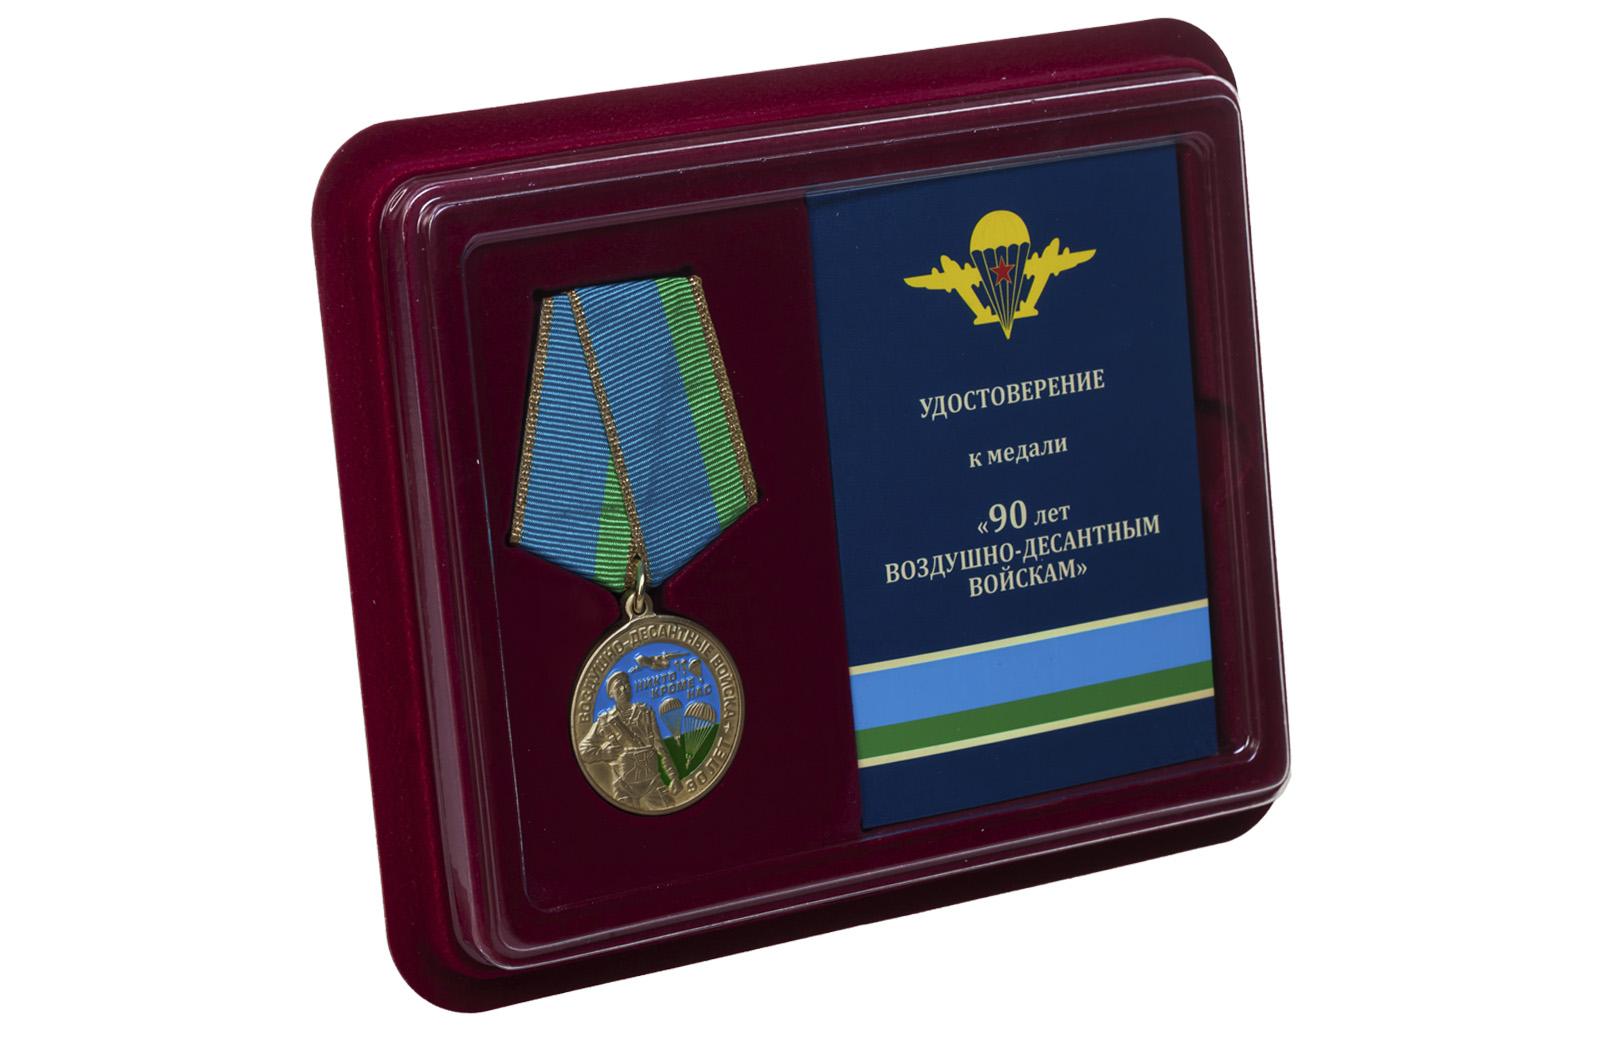 Купить медаль 90 лет Воздушно-десантным войскам в подарок выгодно